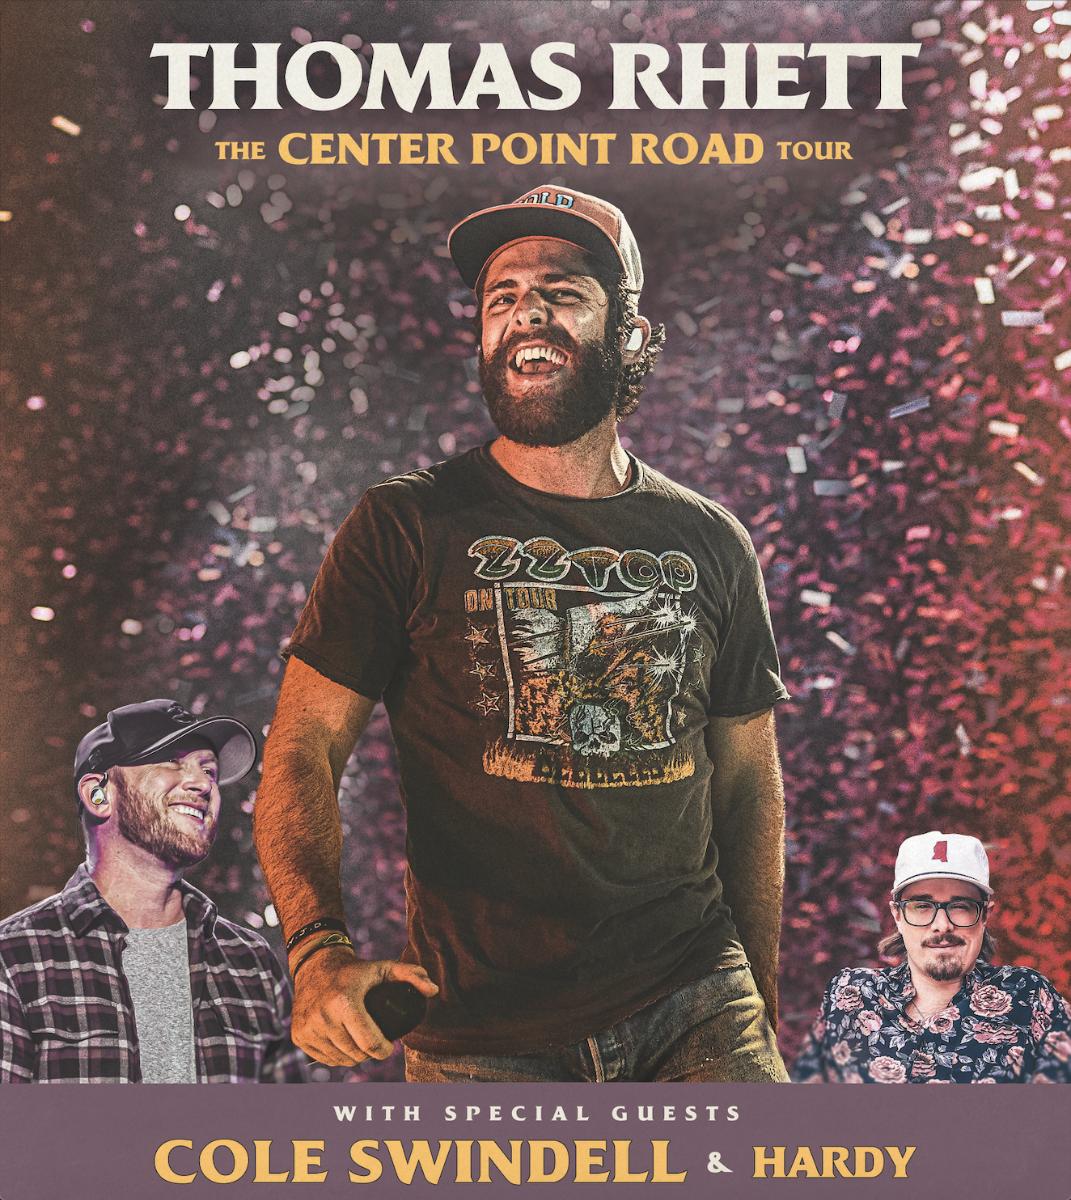 Thomas Rhett 2020 Tour